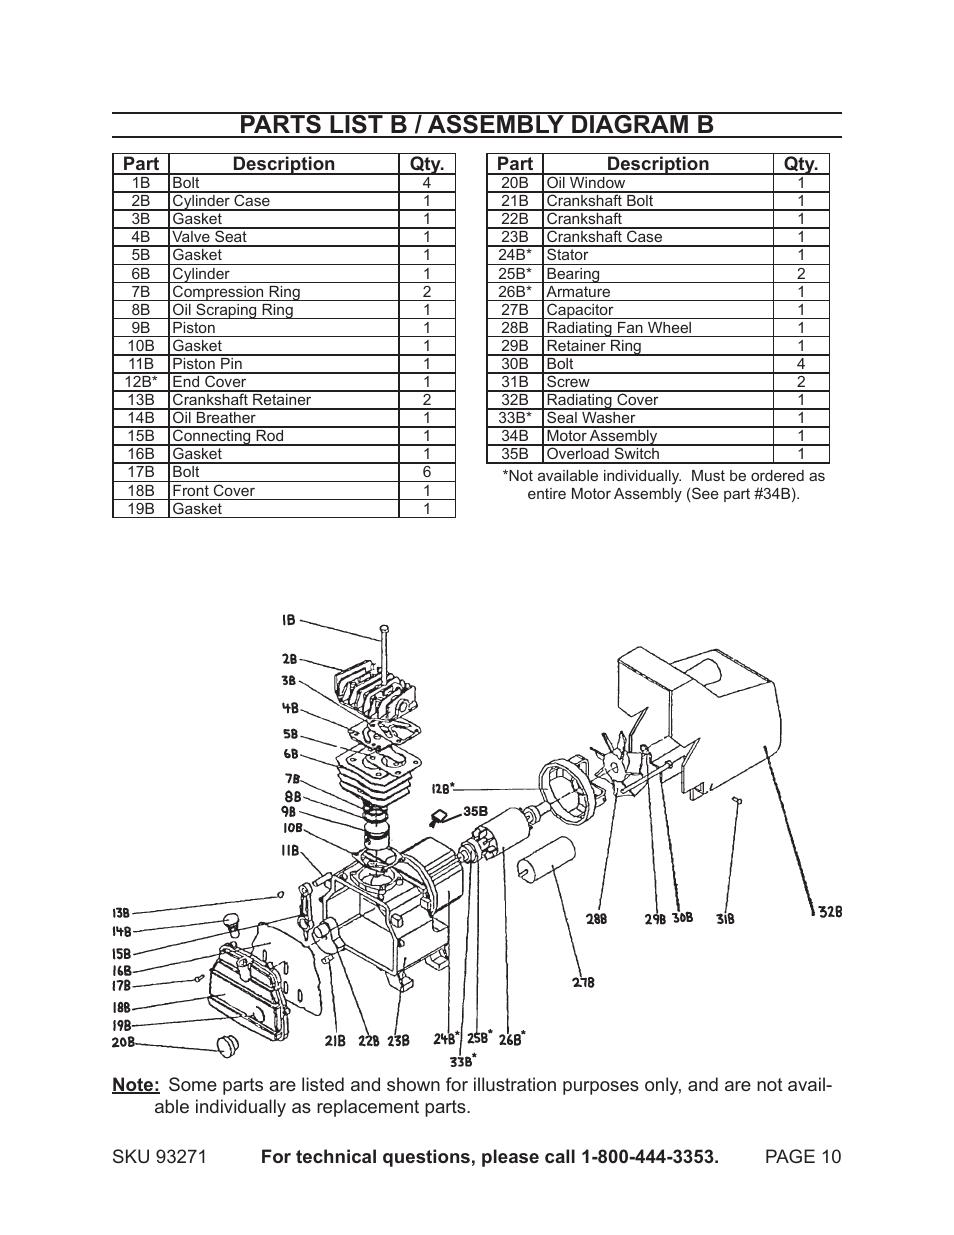 31 Central Pneumatic Air Compressor Parts Diagram